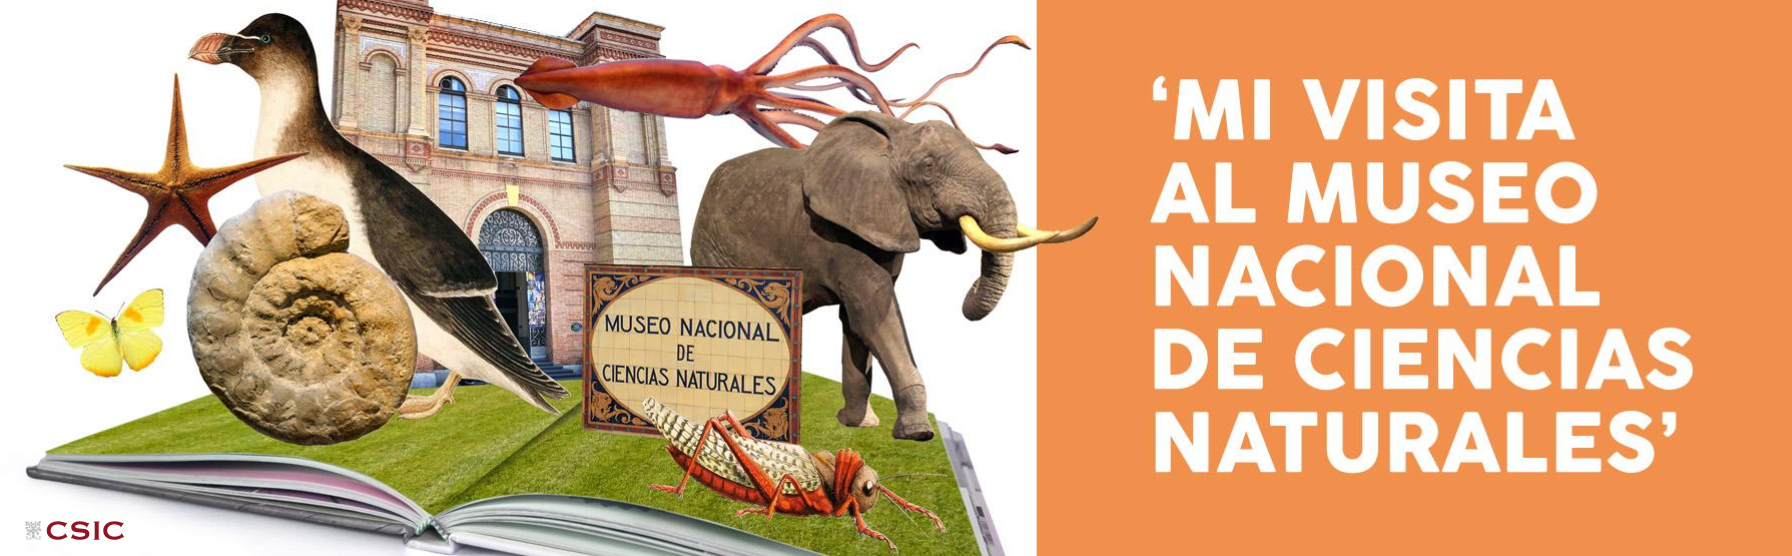 Concurso 'Mi visita al Museo Nacional de Ciencias Naturales'